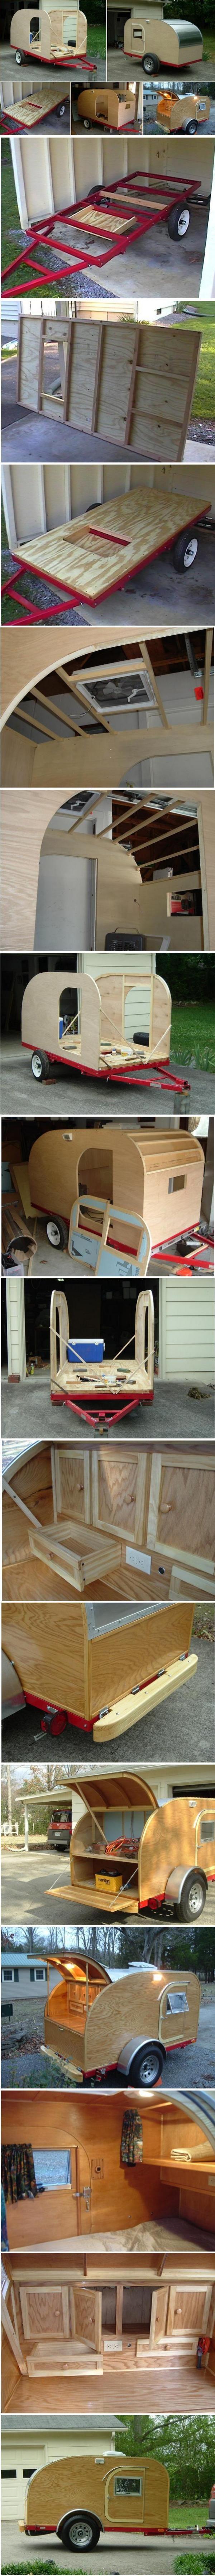 Construction dune mini caravane ou teardrop trailer.